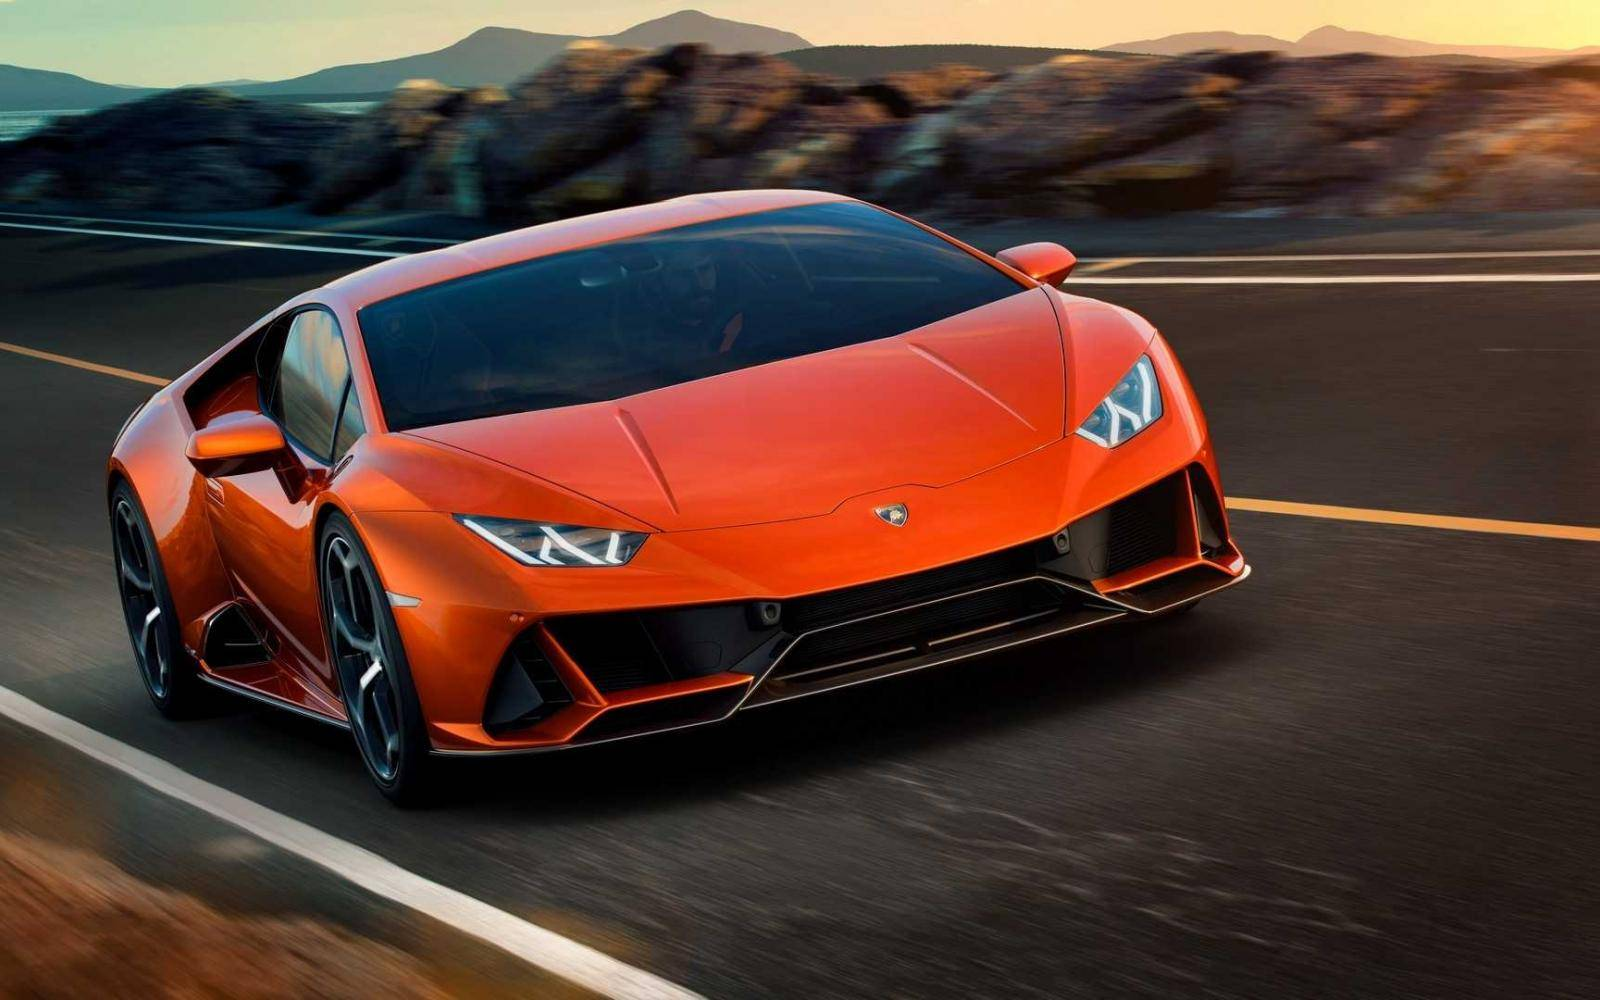 A la gente le gusta endeudarse mucho por estos 10 coches